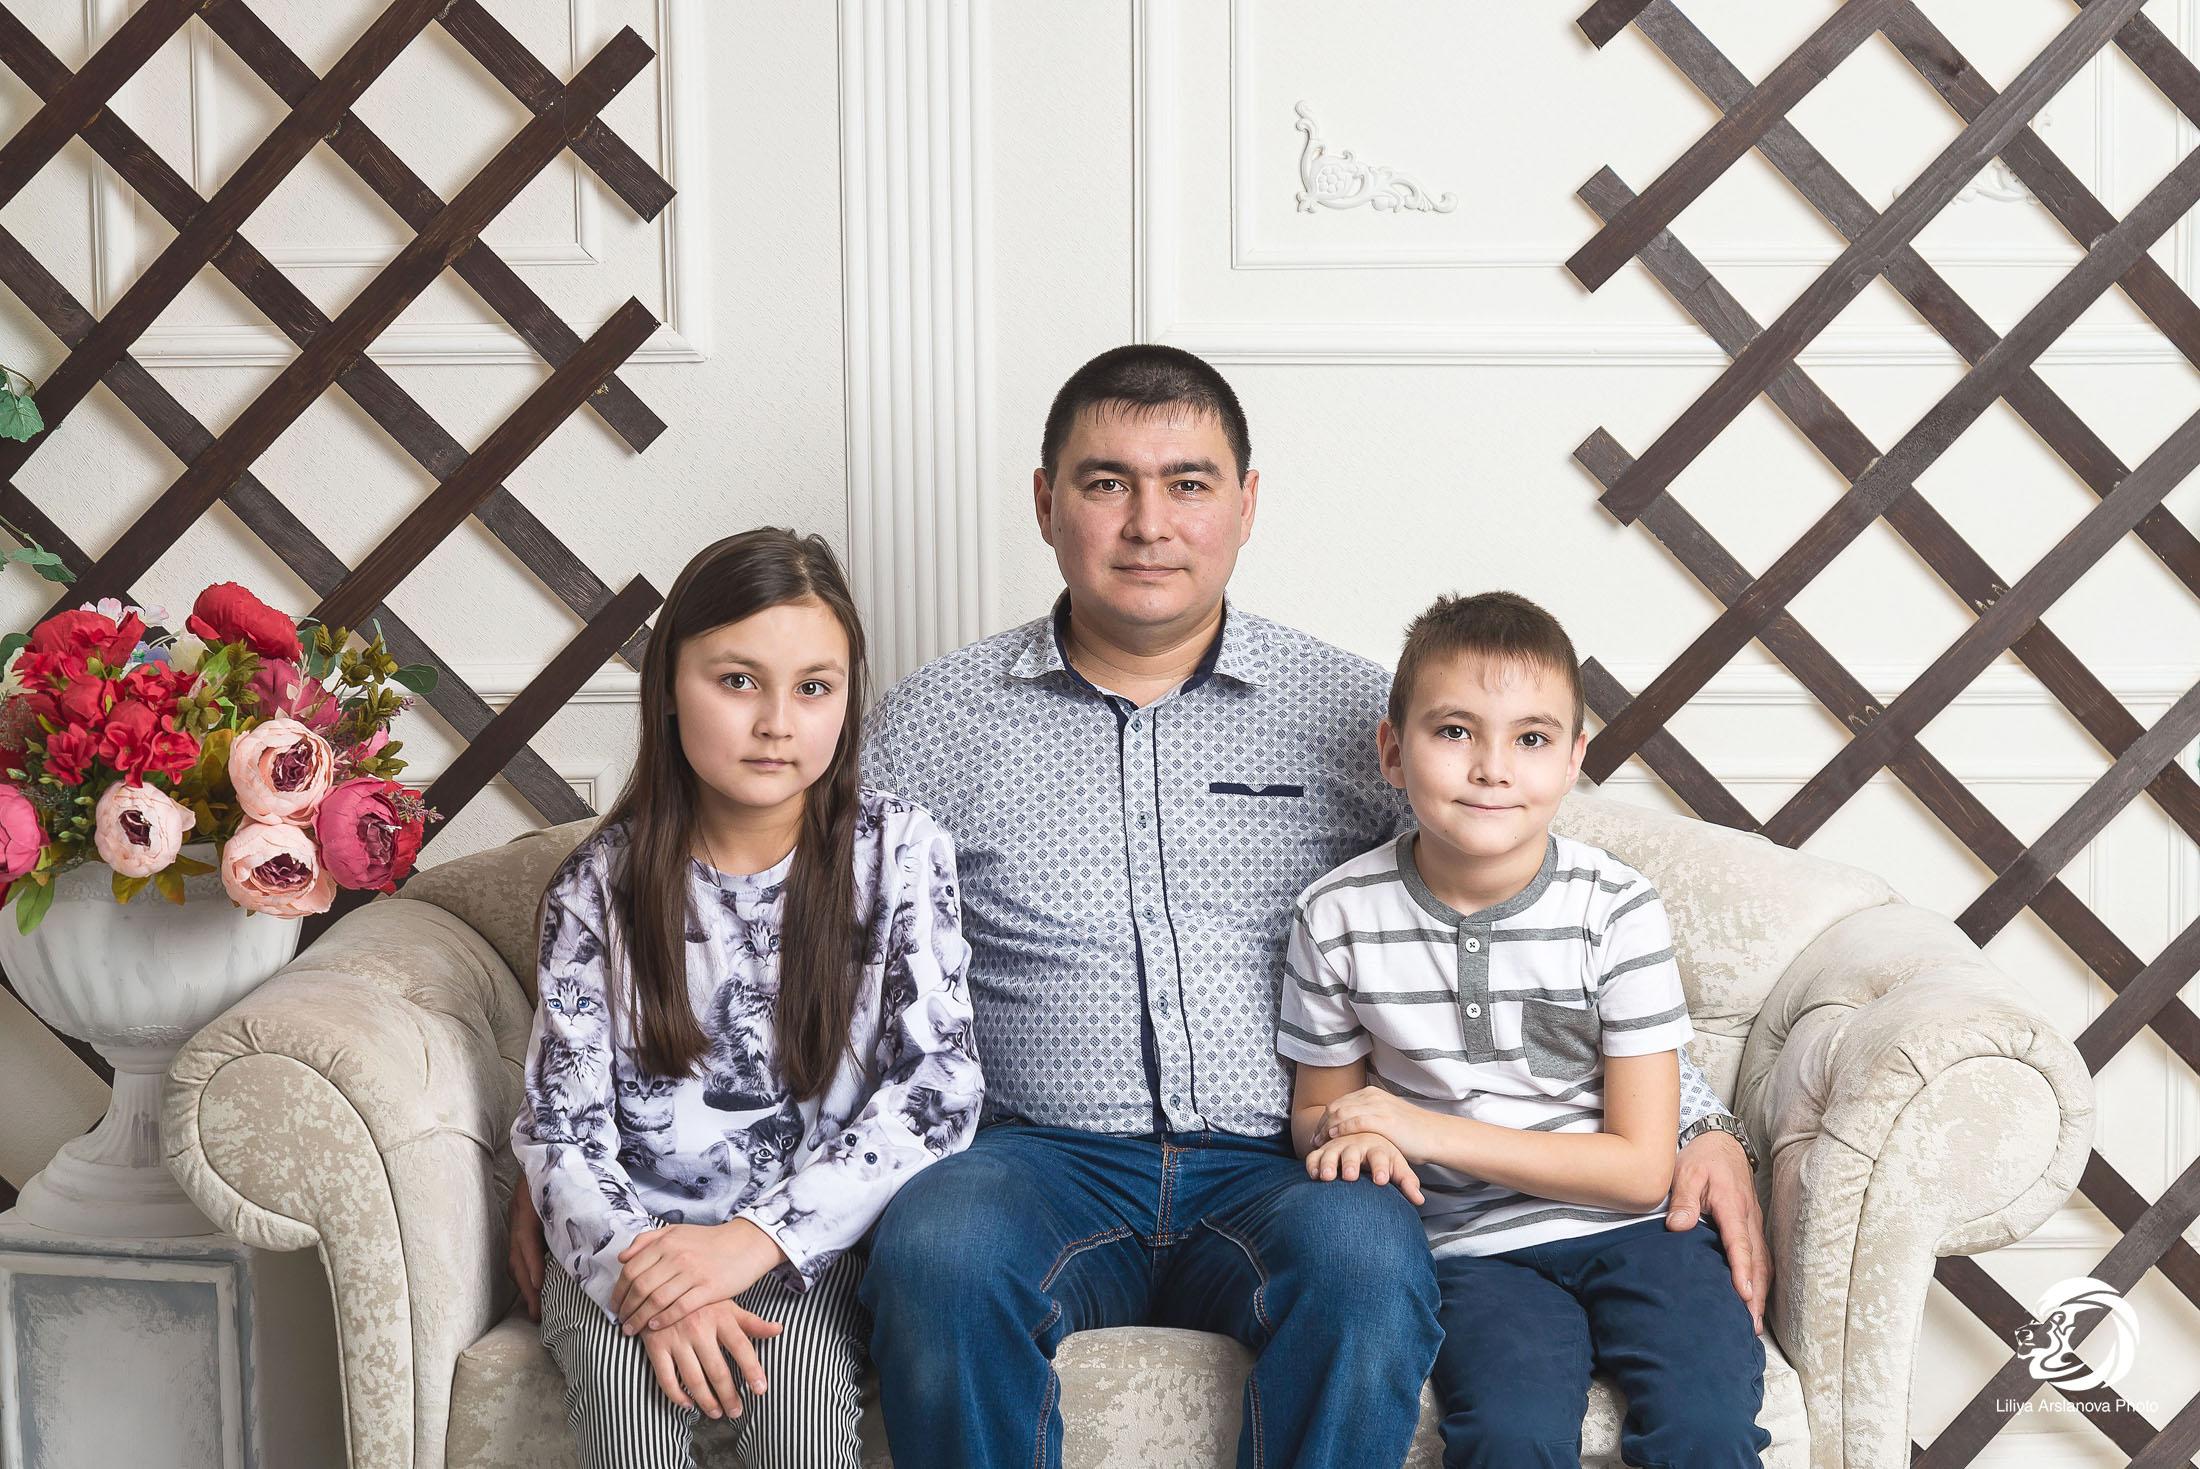 Папа с детьми. семейная фотосессия в студии, семейные фотосессии с детьми, в фотостудии Стерлитамак фотограф Лилия Арсланова в Стерлитамаке, профессиональный фотограф Стерлитамак, одежда для семейной фотосессии